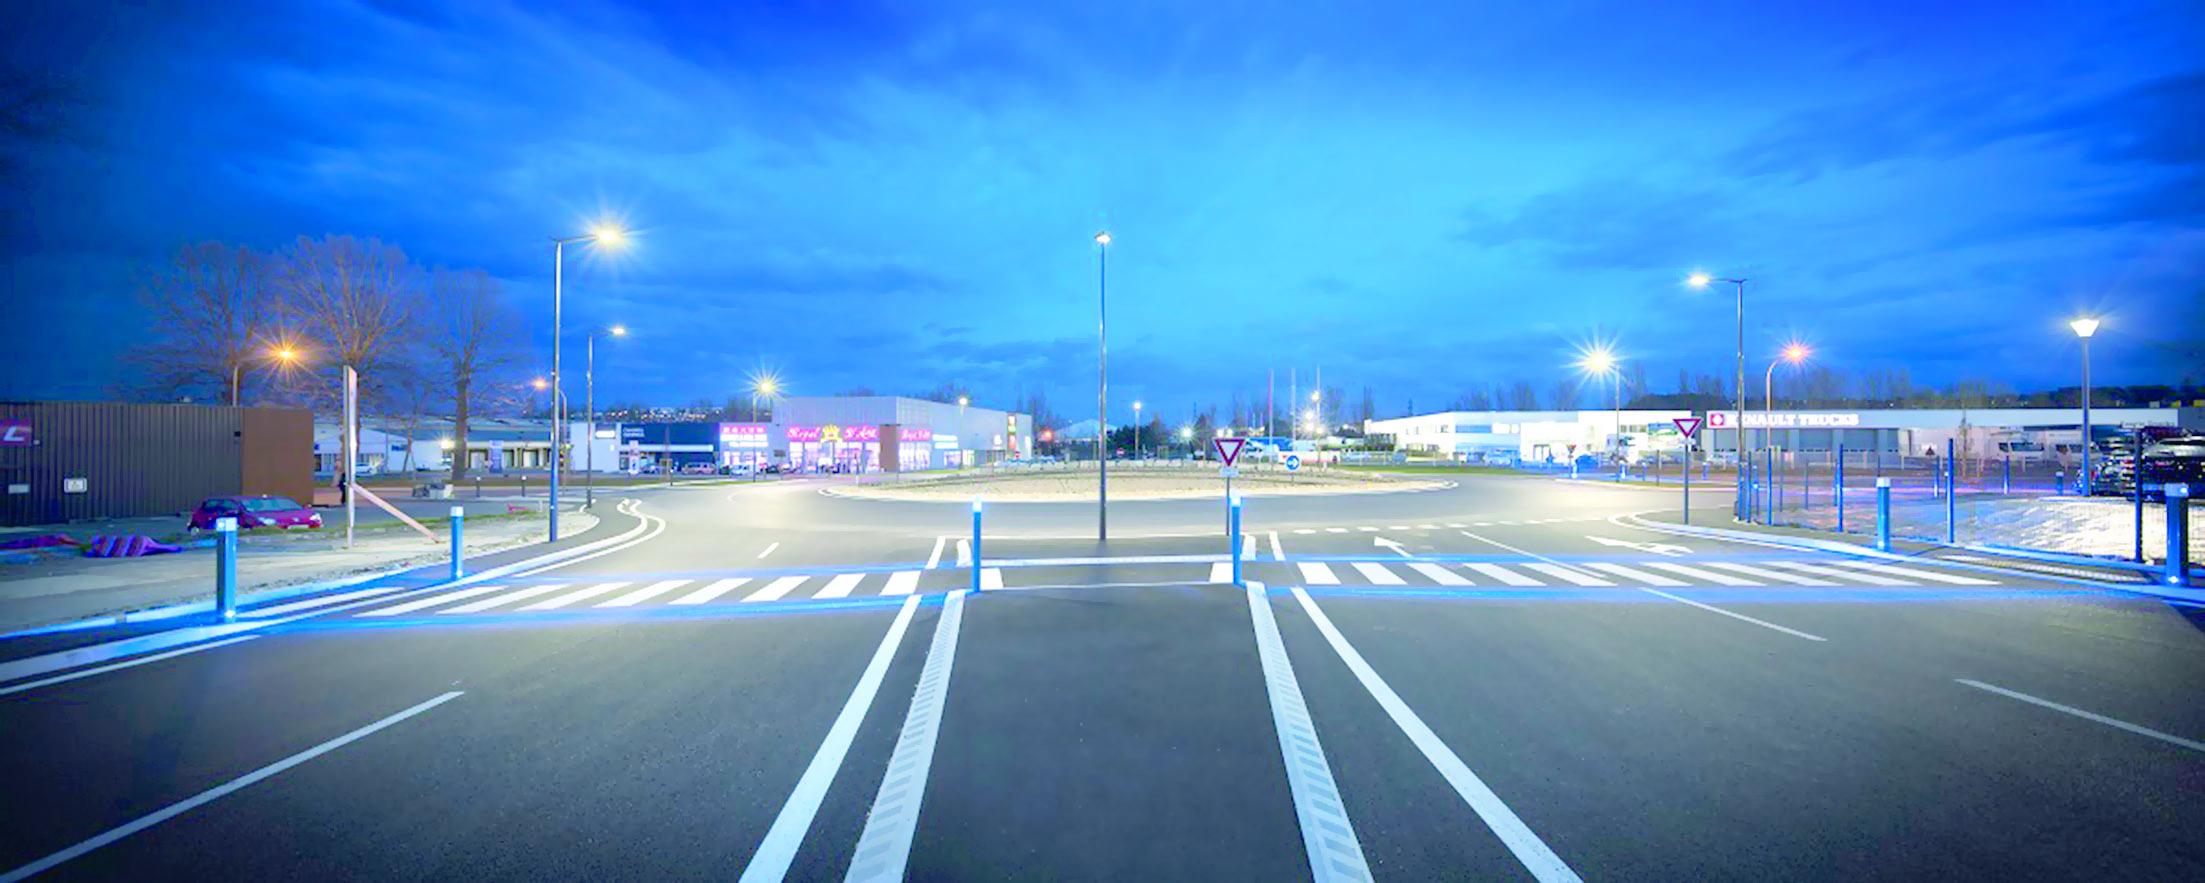 معرض الإضاءة يجذب رواد شركات الإنارة الأوروبية